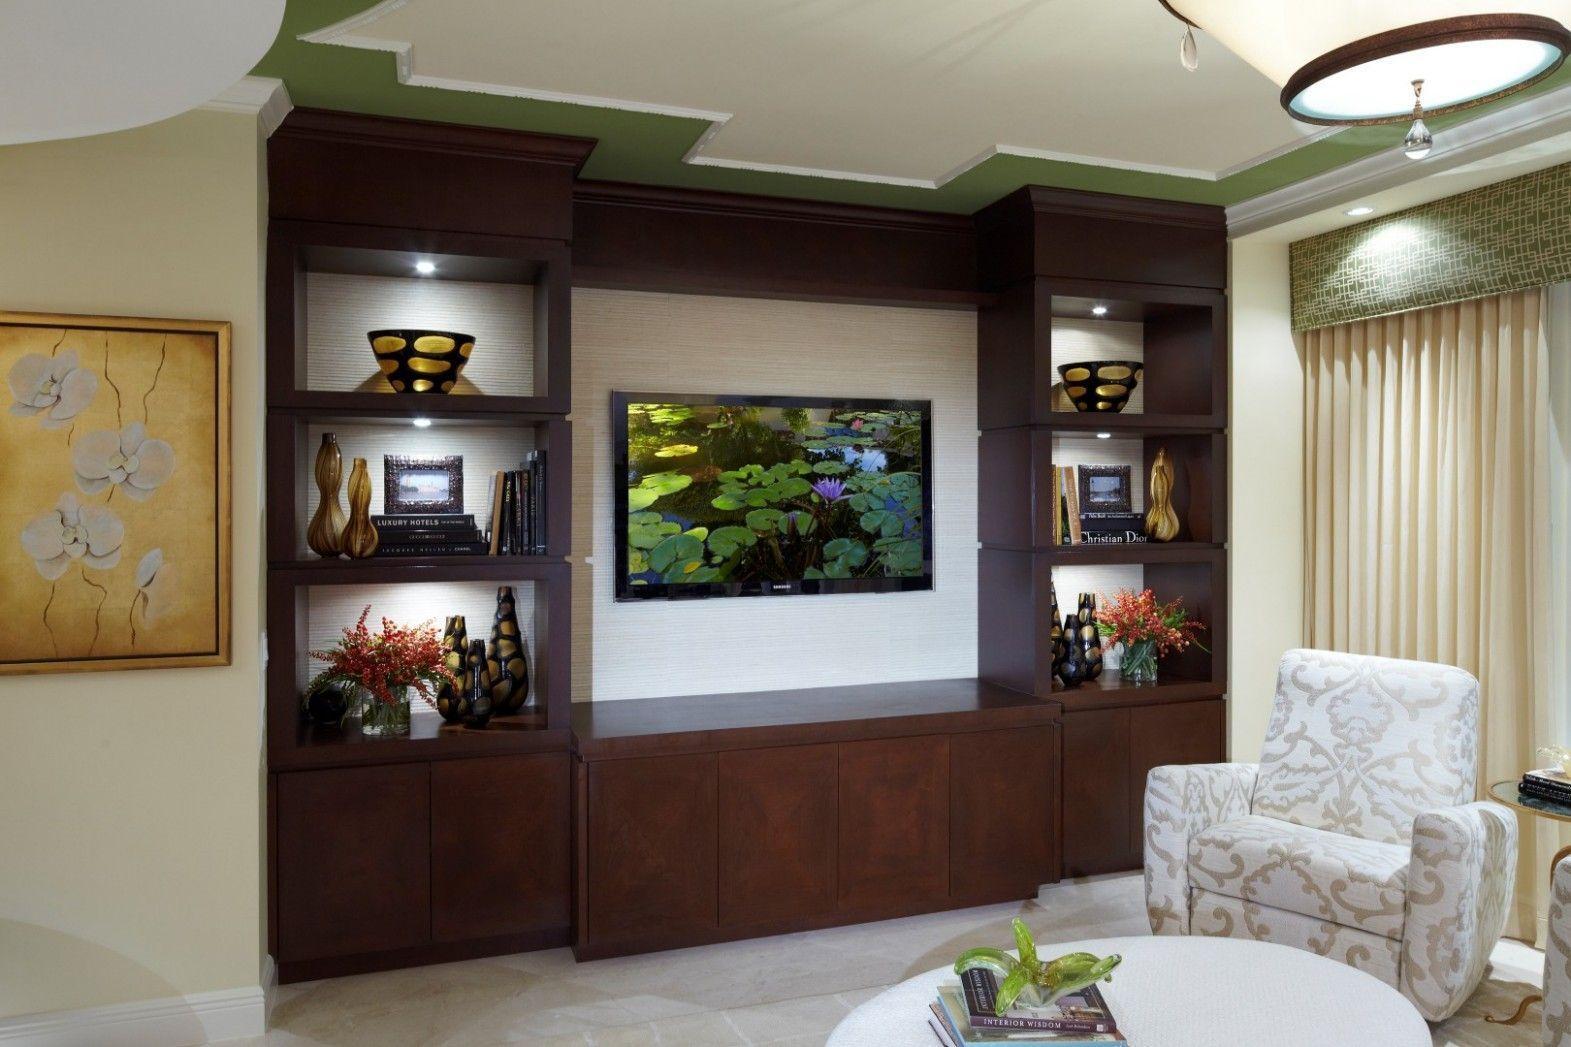 Awesome interessante Wandschrank Möbel Design für Wohnzimmer